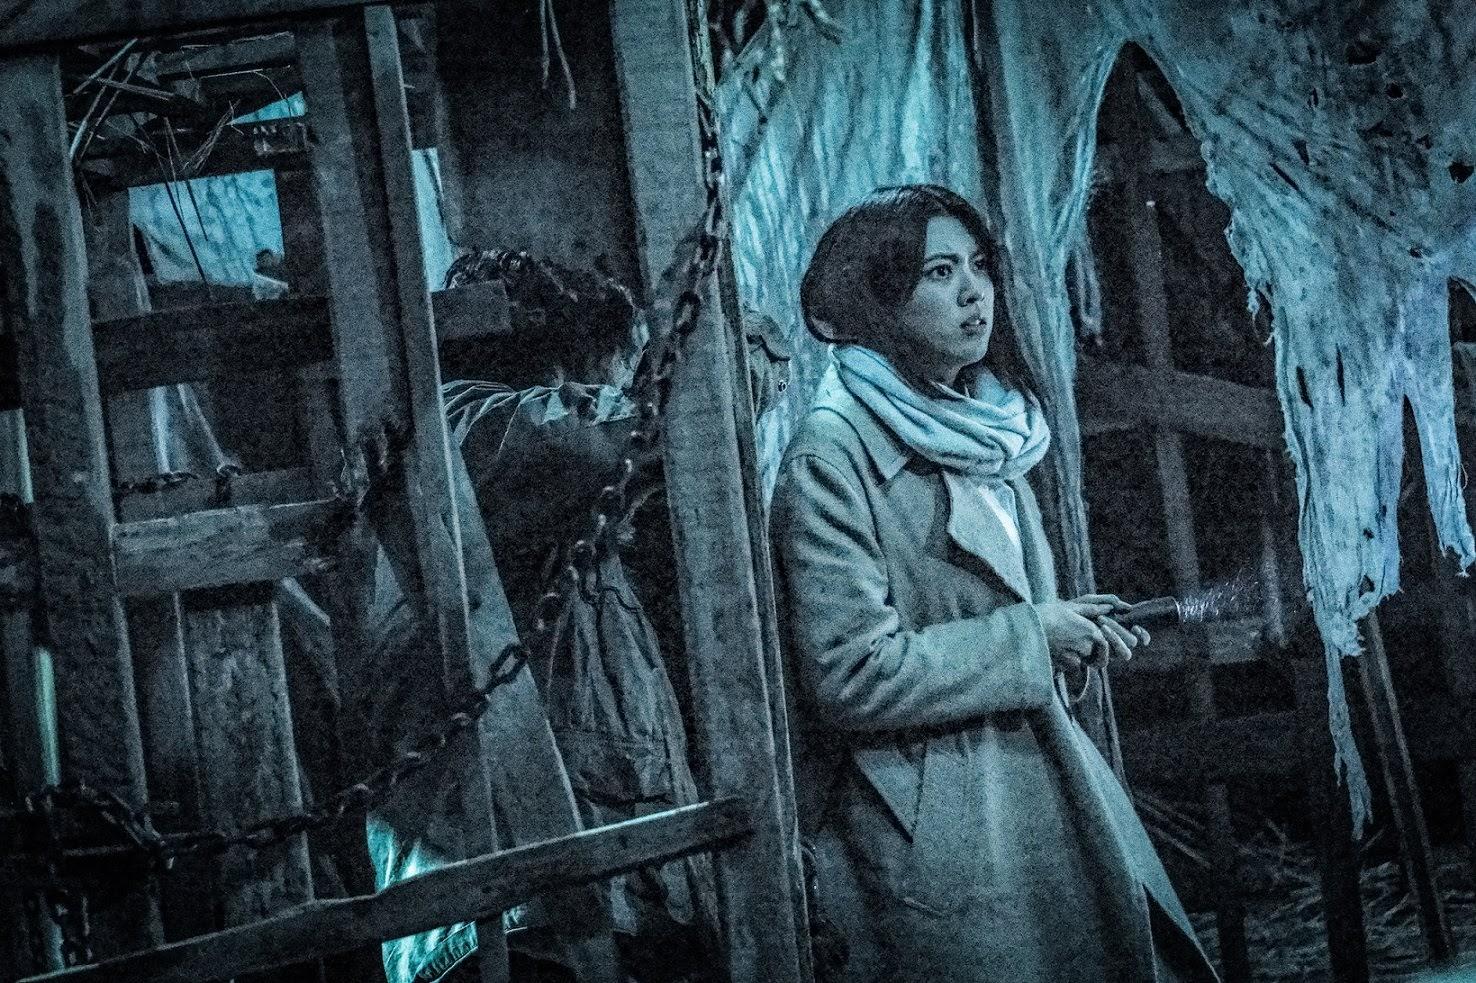 超越《咒怨》!「日本恐怖大師」 清水崇 最新懼作《 犬鳴村 》有望打破日本恐怖電影影史票房紀錄!